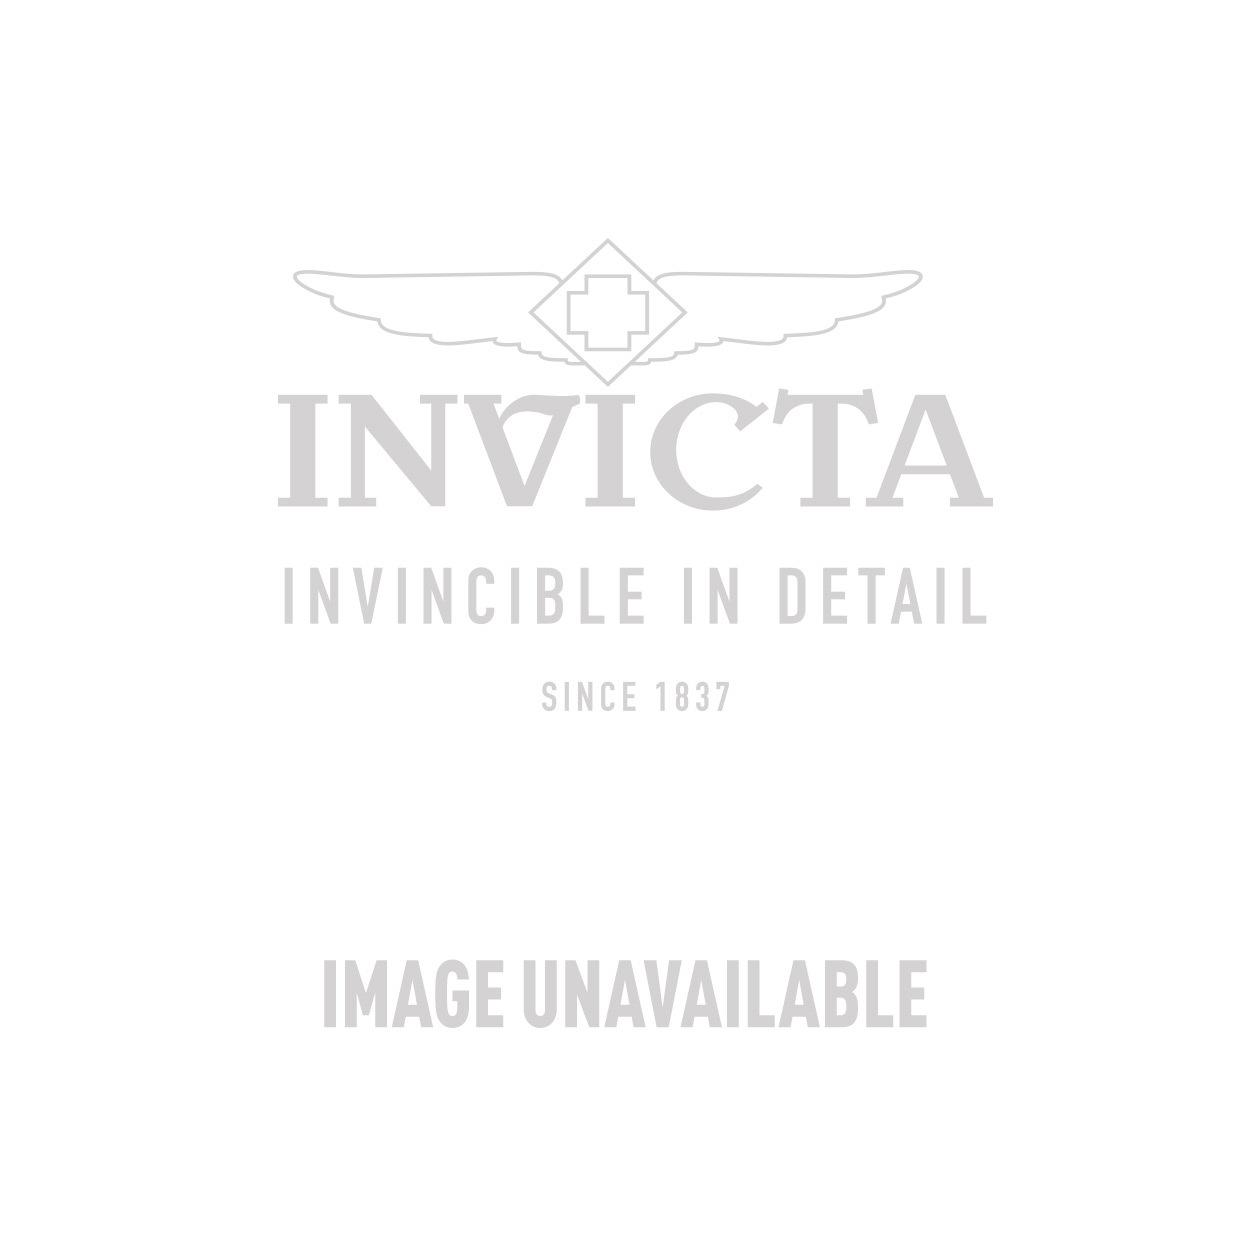 Invicta Model 27812